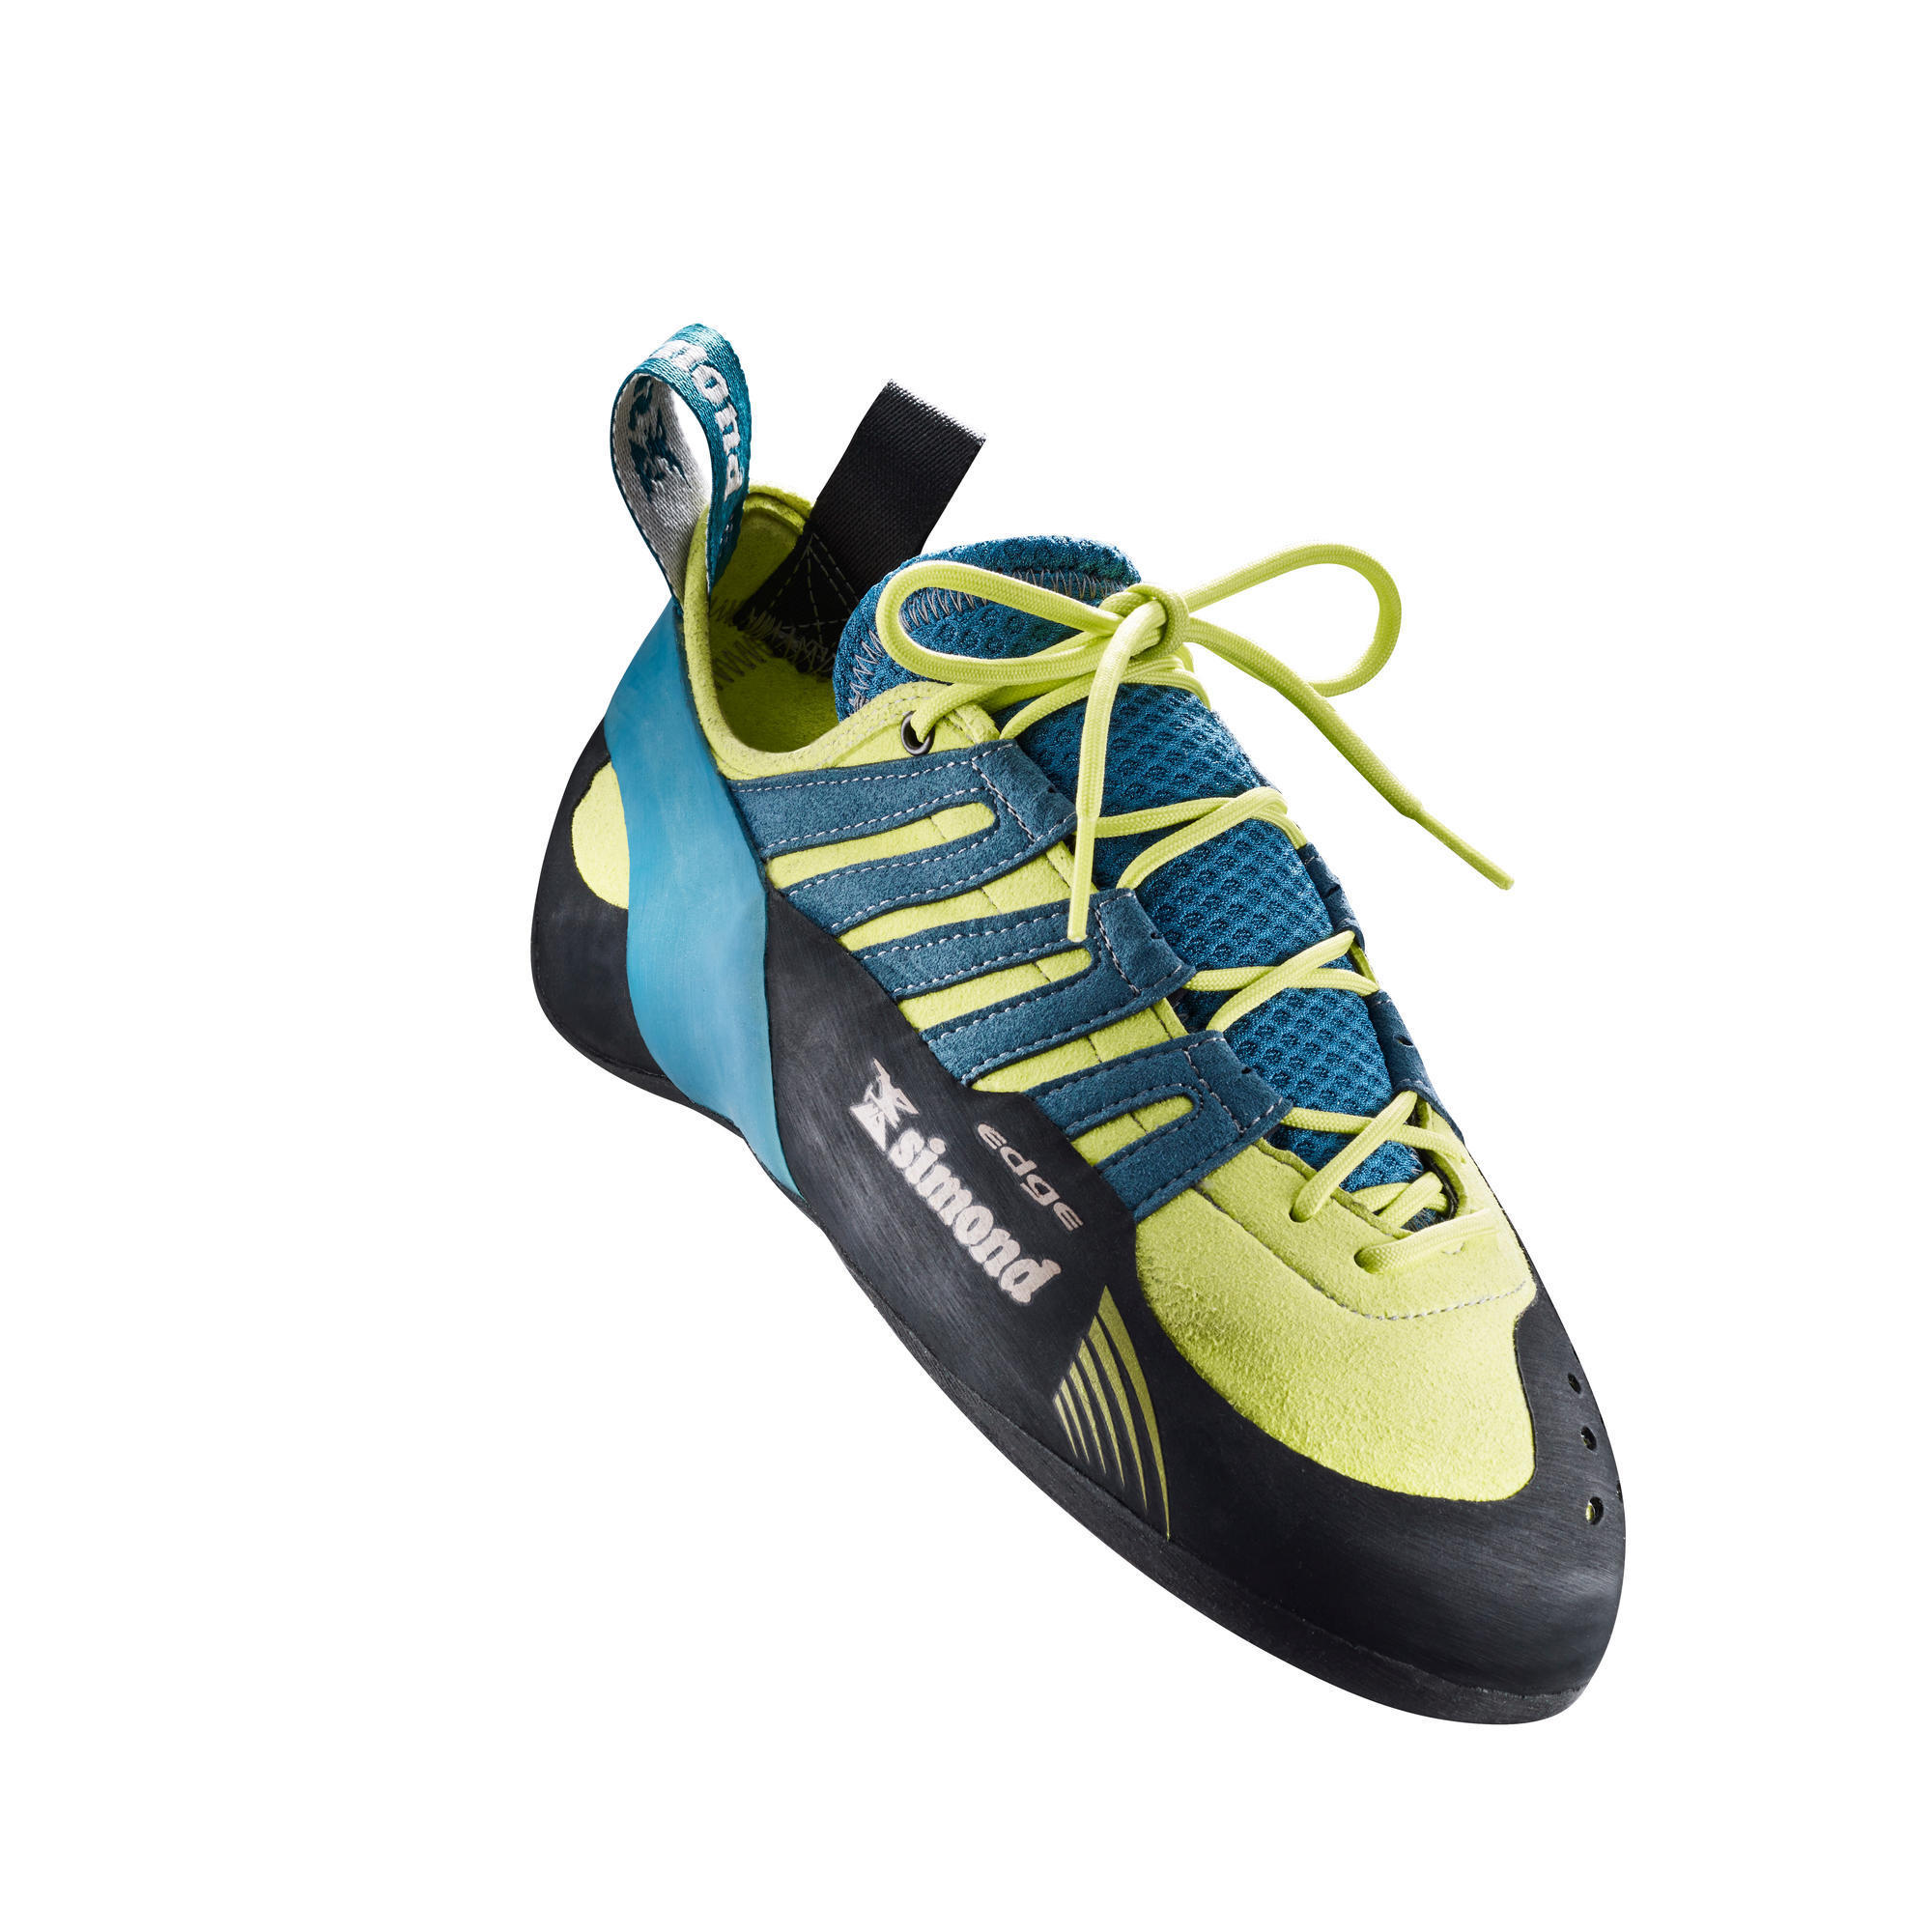 Kletterschuhe Edge 2 mit Schnürung Erwachsene | Schuhe > Sportschuhe > Kletterschuhe | Simond